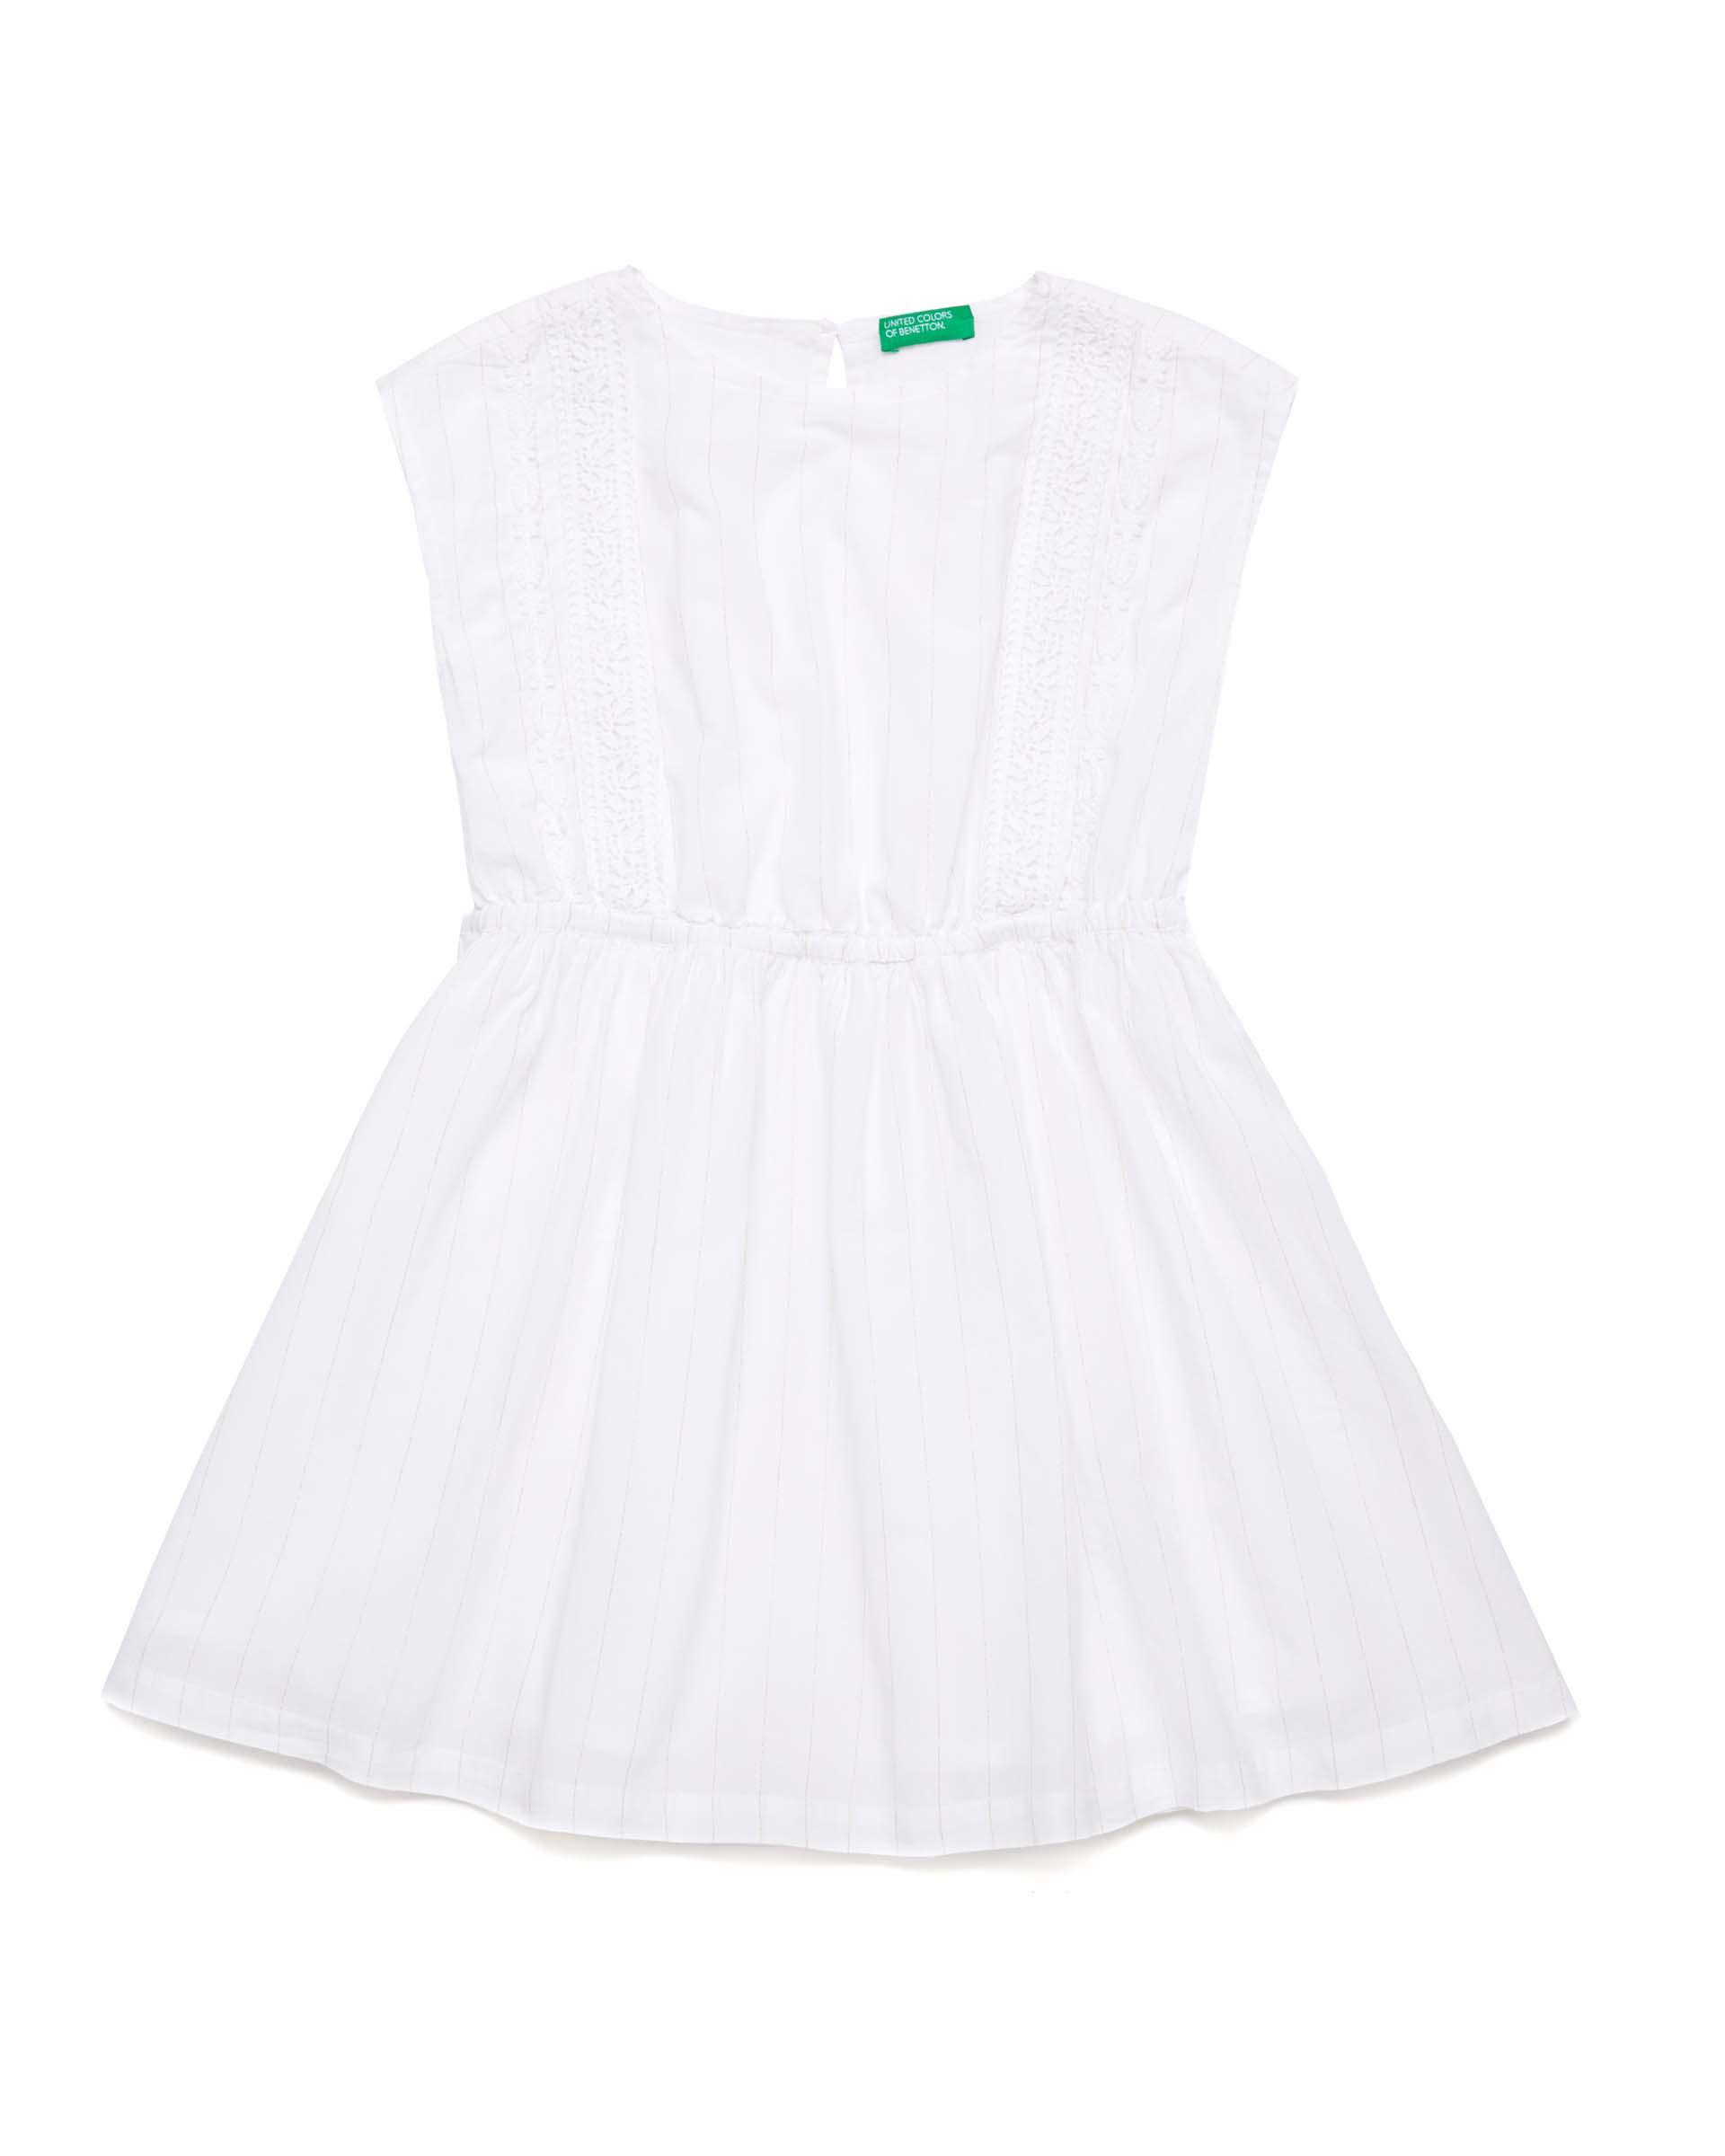 Купить 20P_4OV55VDH0_901, Платье для девочек Benetton 4OV55VDH0_901 р-р 128, United Colors of Benetton, Платья для девочек